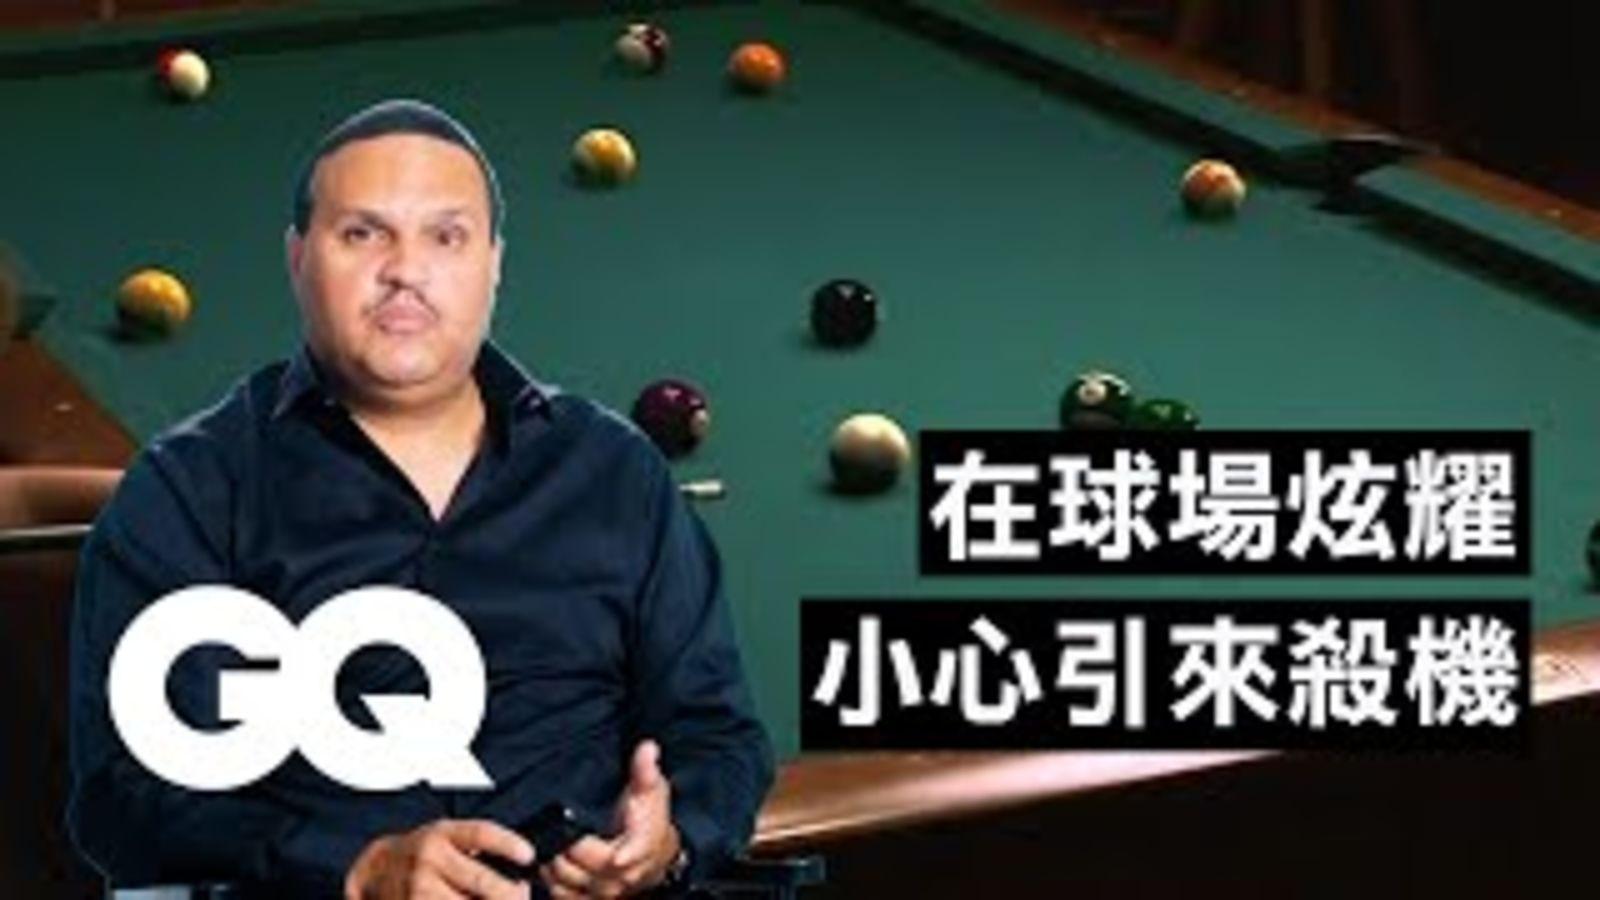 撞球客製球杆要價200萬台幣?專業撞球手解析電影片段 Pro Pool Player Breaks Down Pool Scenes from movie|經典電影大解密|GQ Taiwan